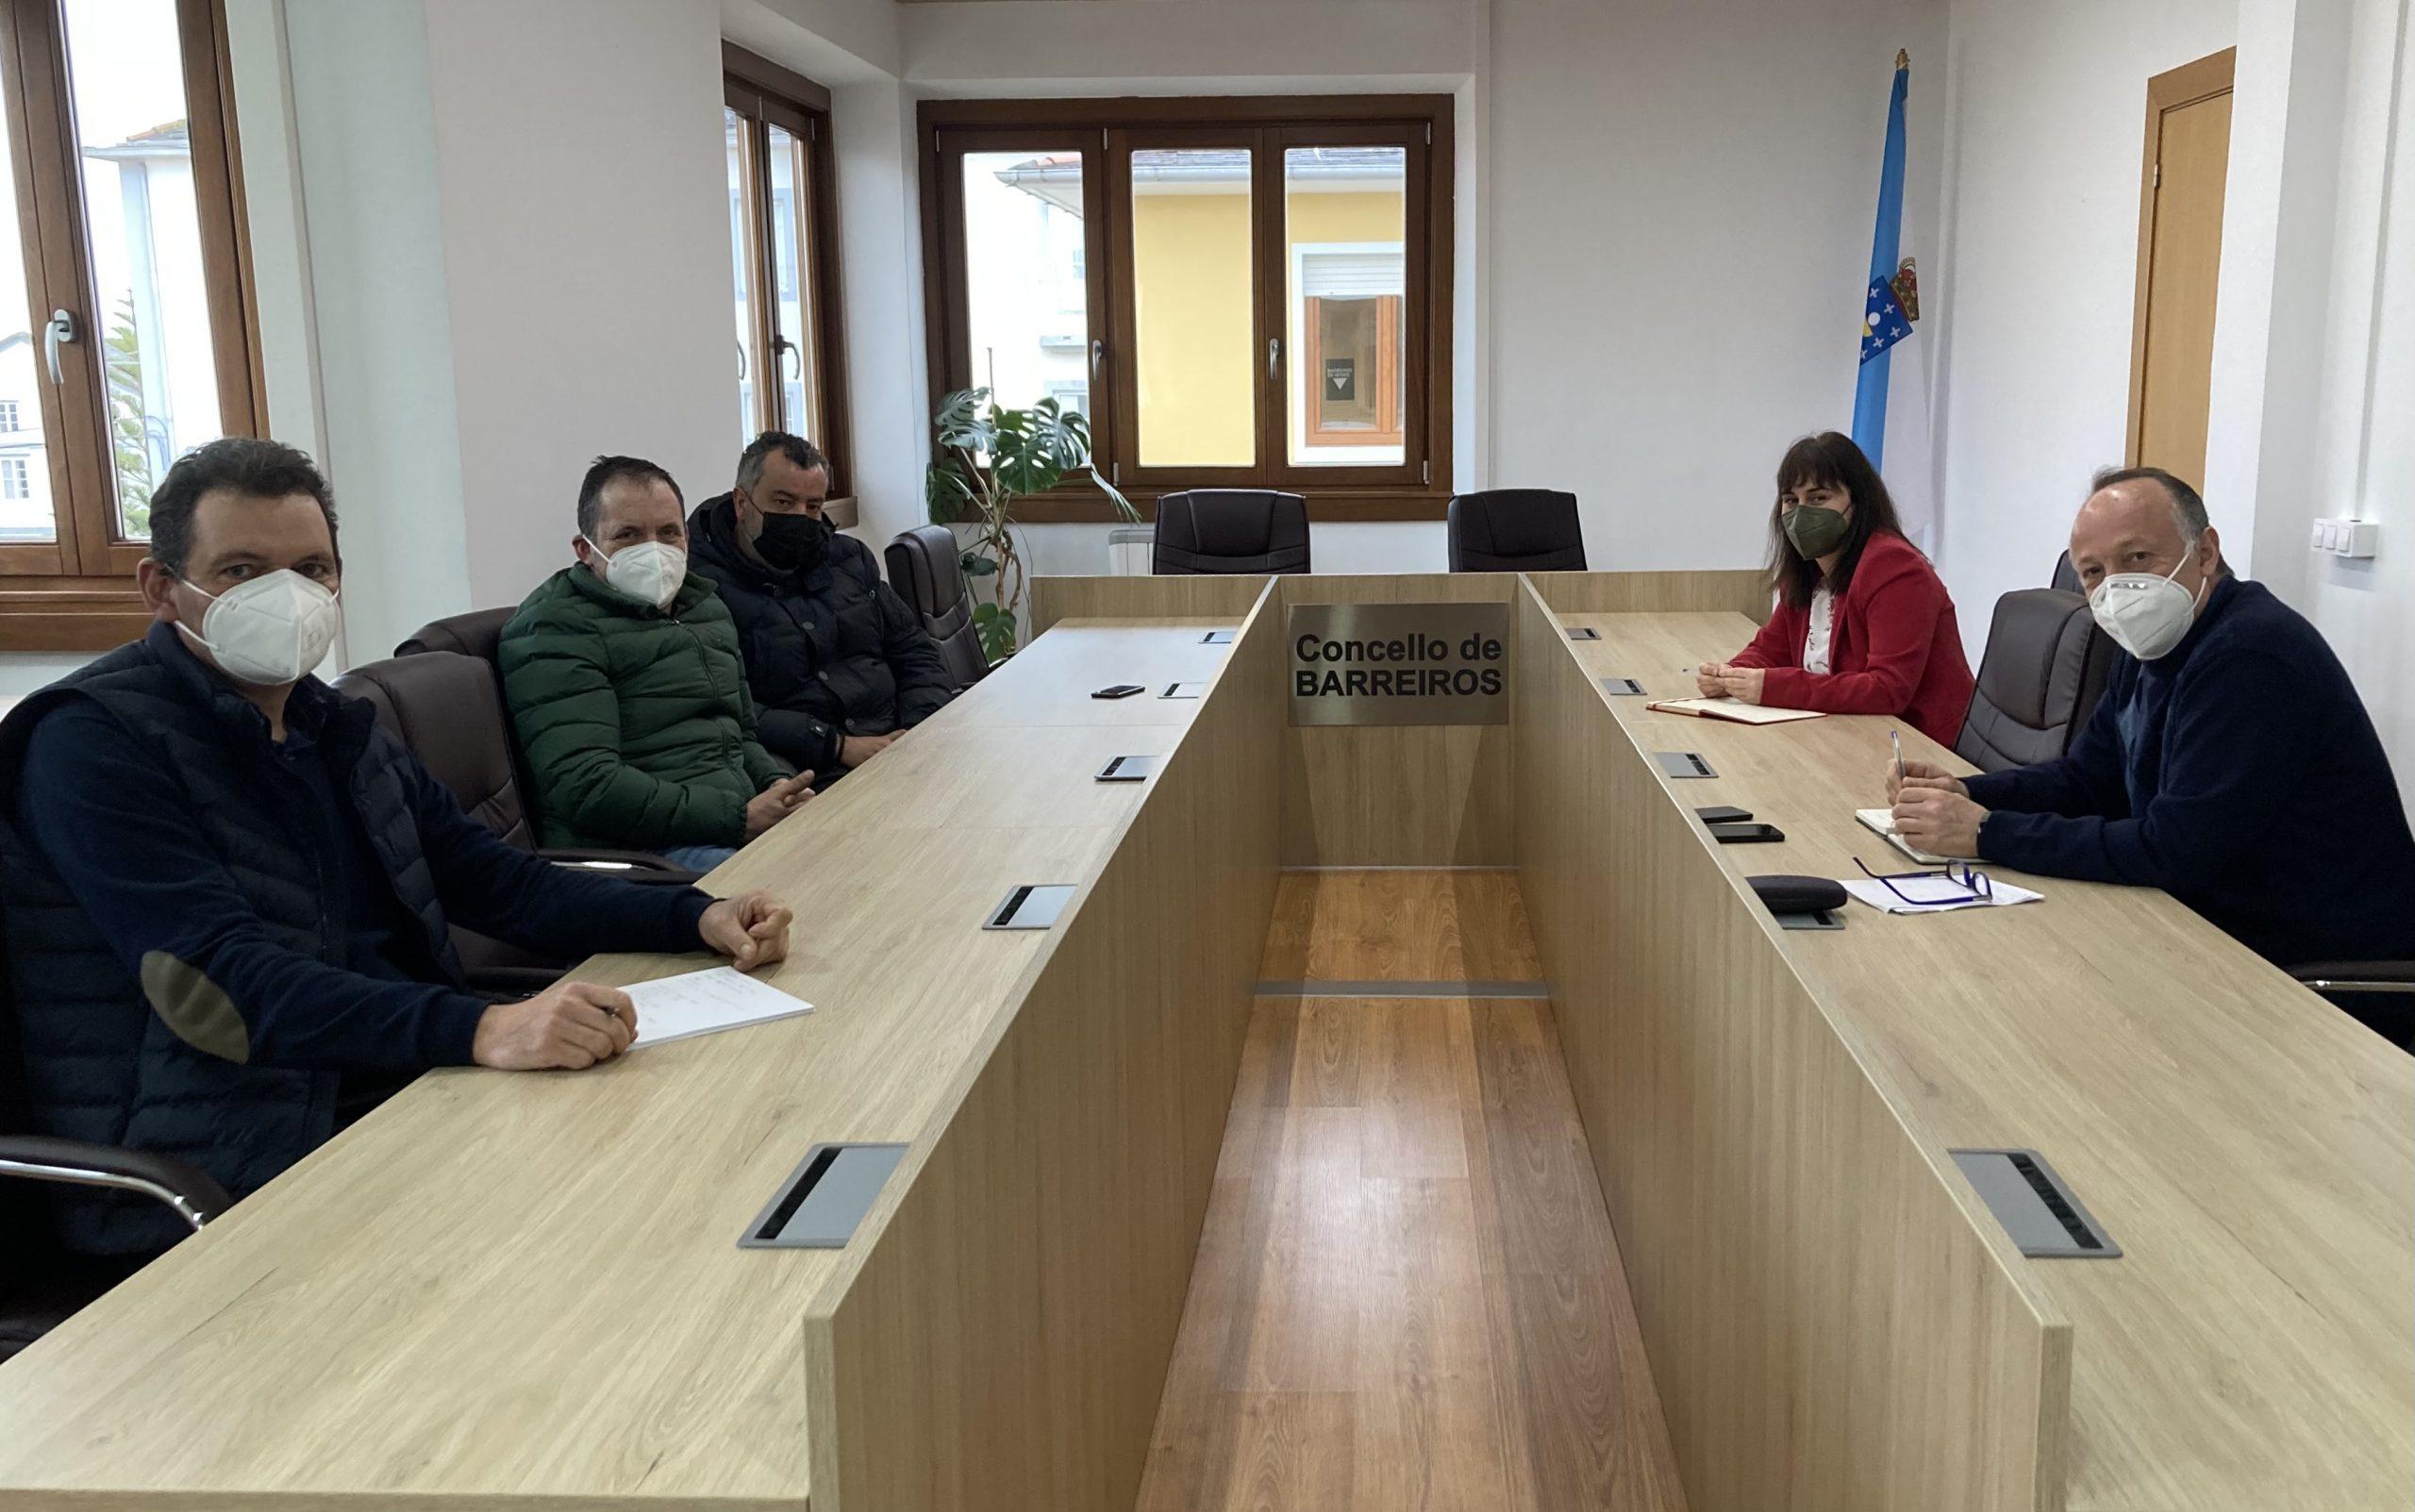 Concello de Barreiros e Asociación de madeiristas habilitarán zonas de carga para a madeira